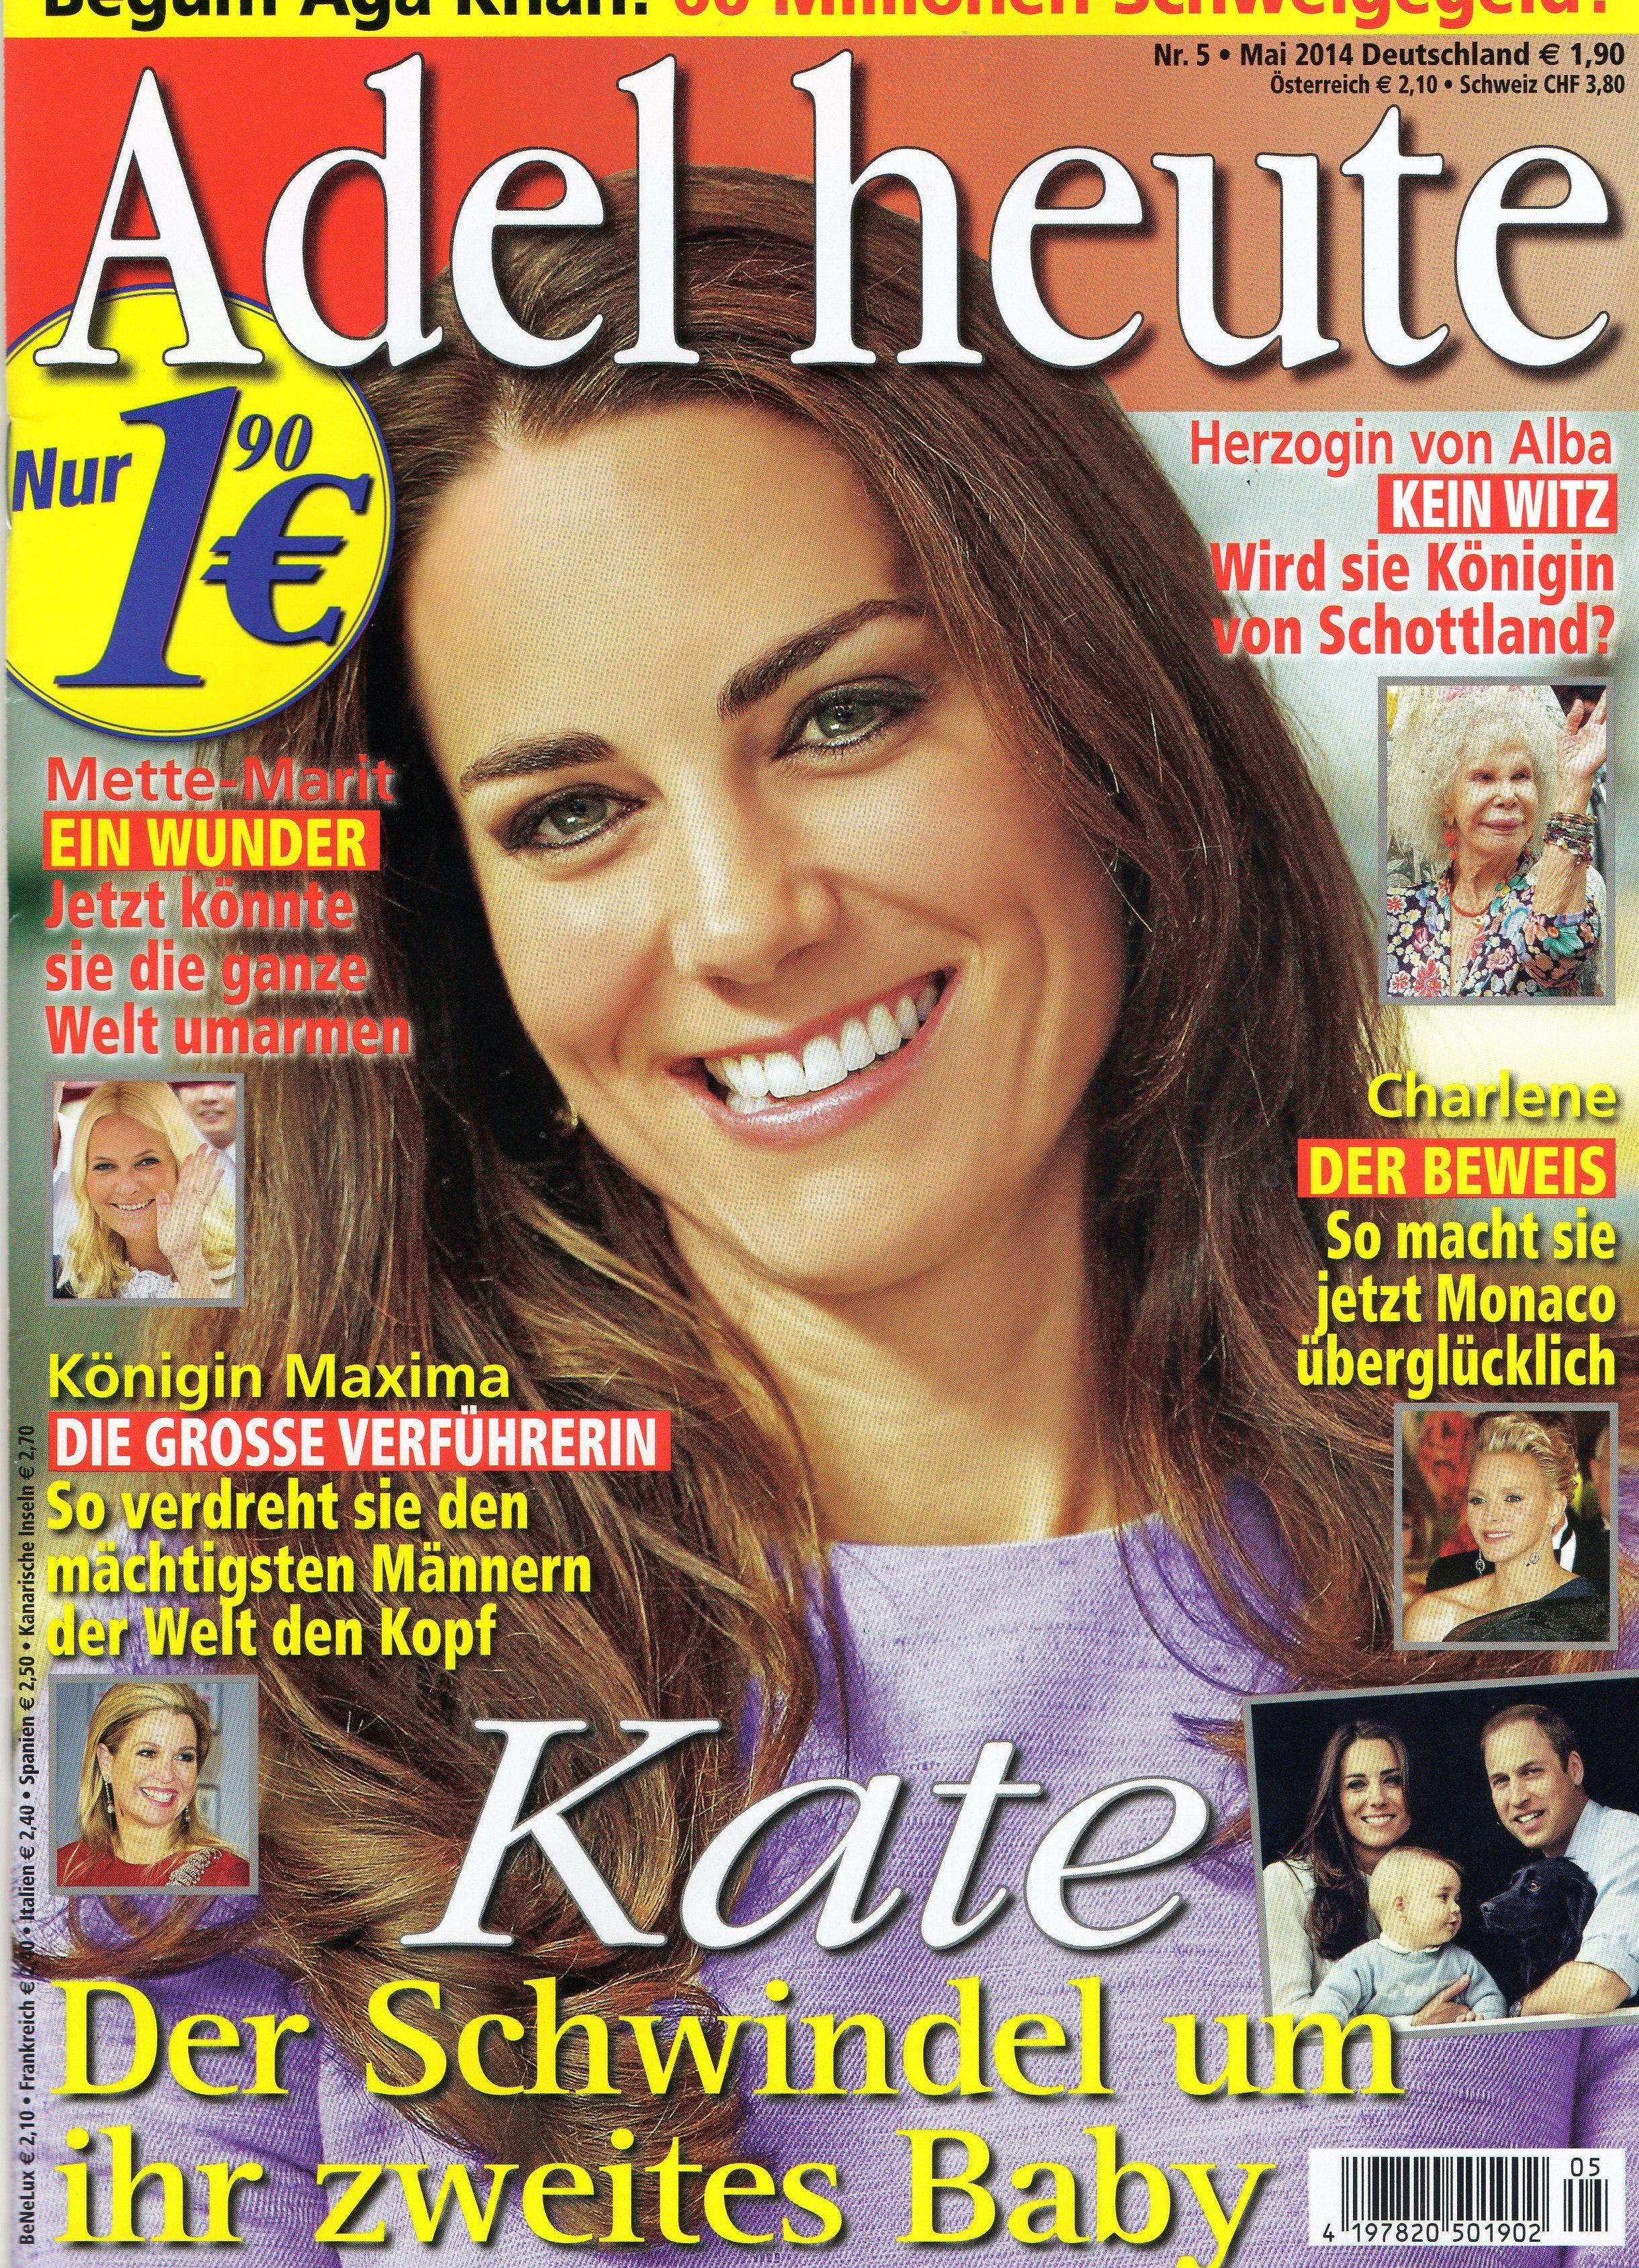 2014: Catherine von Großbritannien